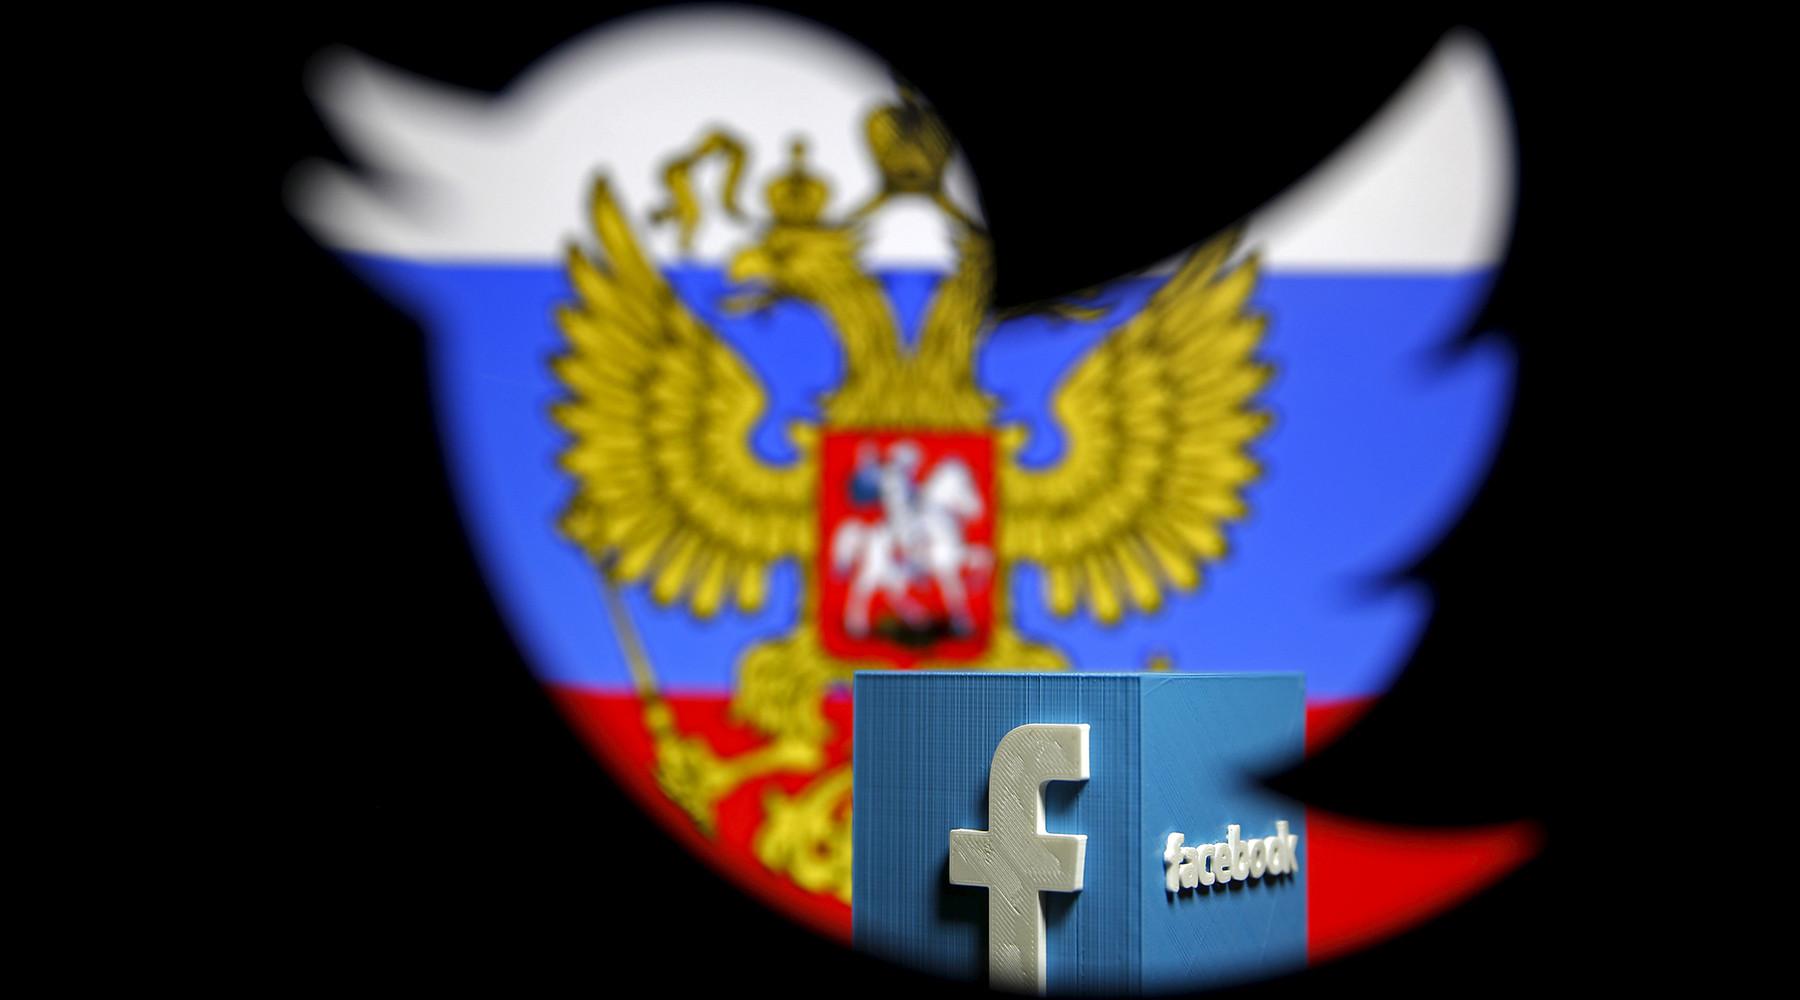 Американские военно-морские силы будут мониторить российские соцсети